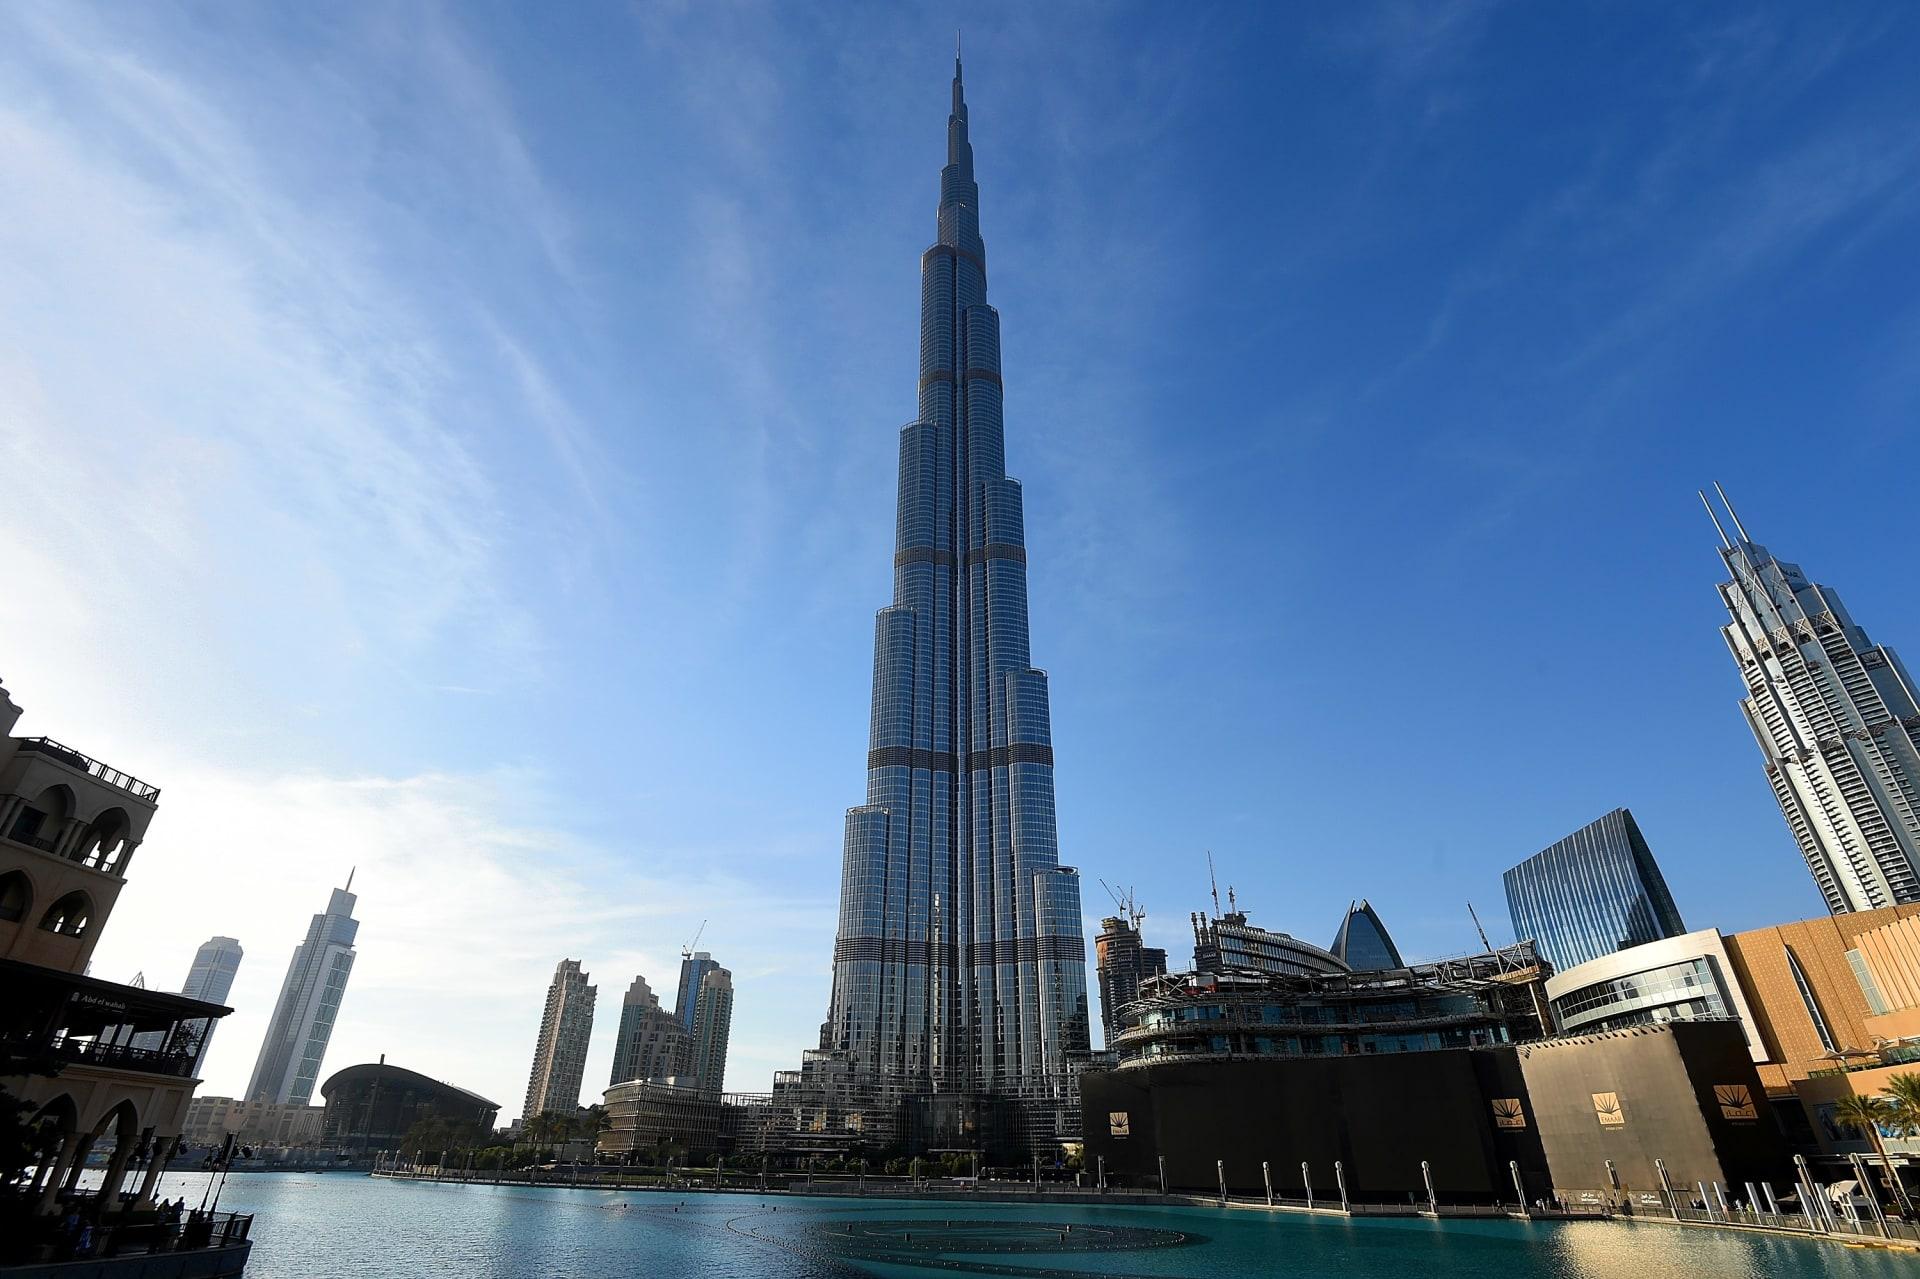 """النيابة العامة في دبي تعلن نتائج التحقيق بحادثة صور """"الفتيات العاريات"""" والحكم الصادر"""